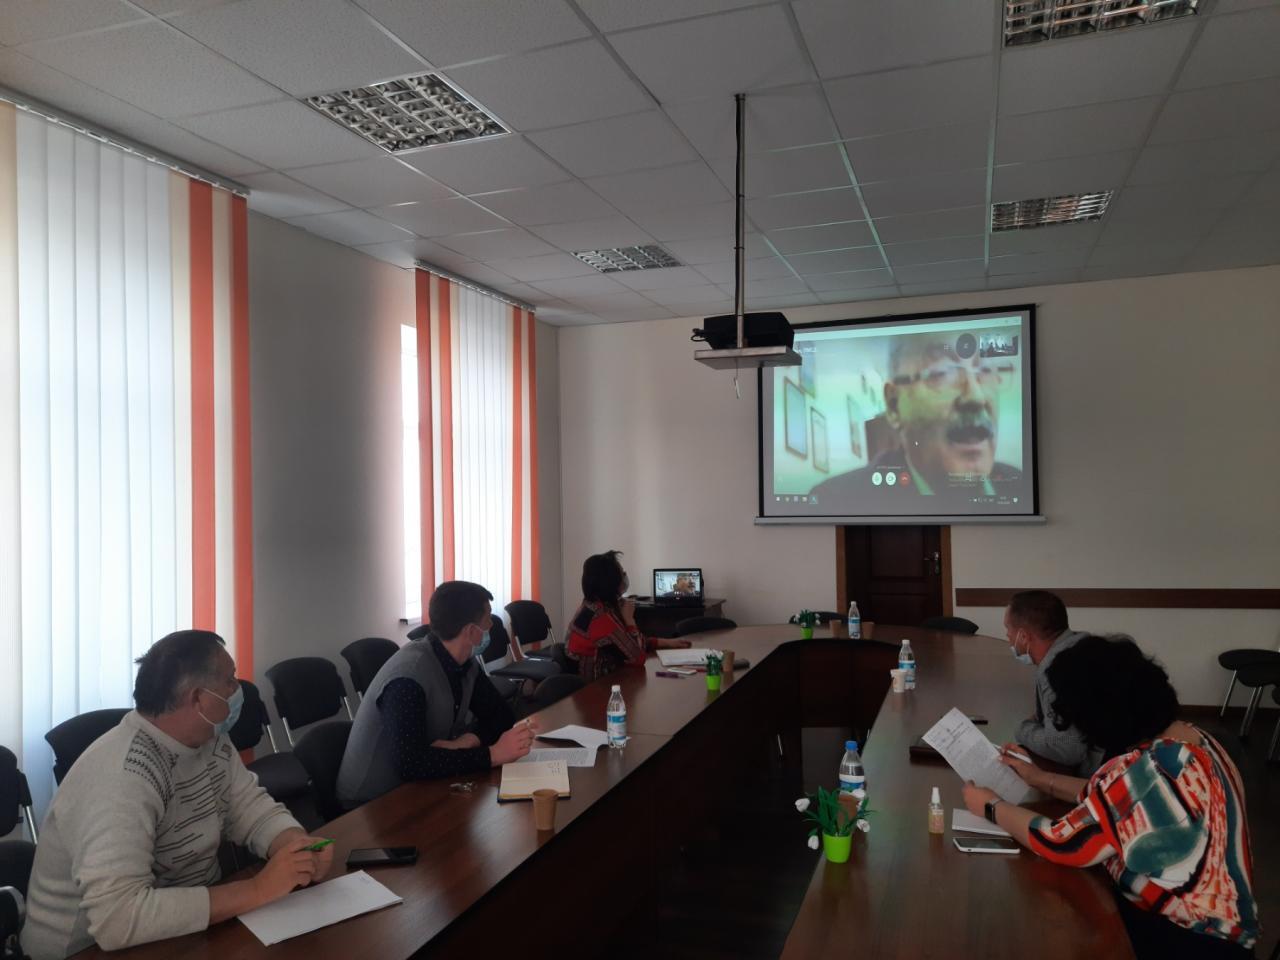 http://dunrada.gov.ua/uploadfile/archive_news/2020/04/10/2020-04-10_4322/images/images-15357.jpg